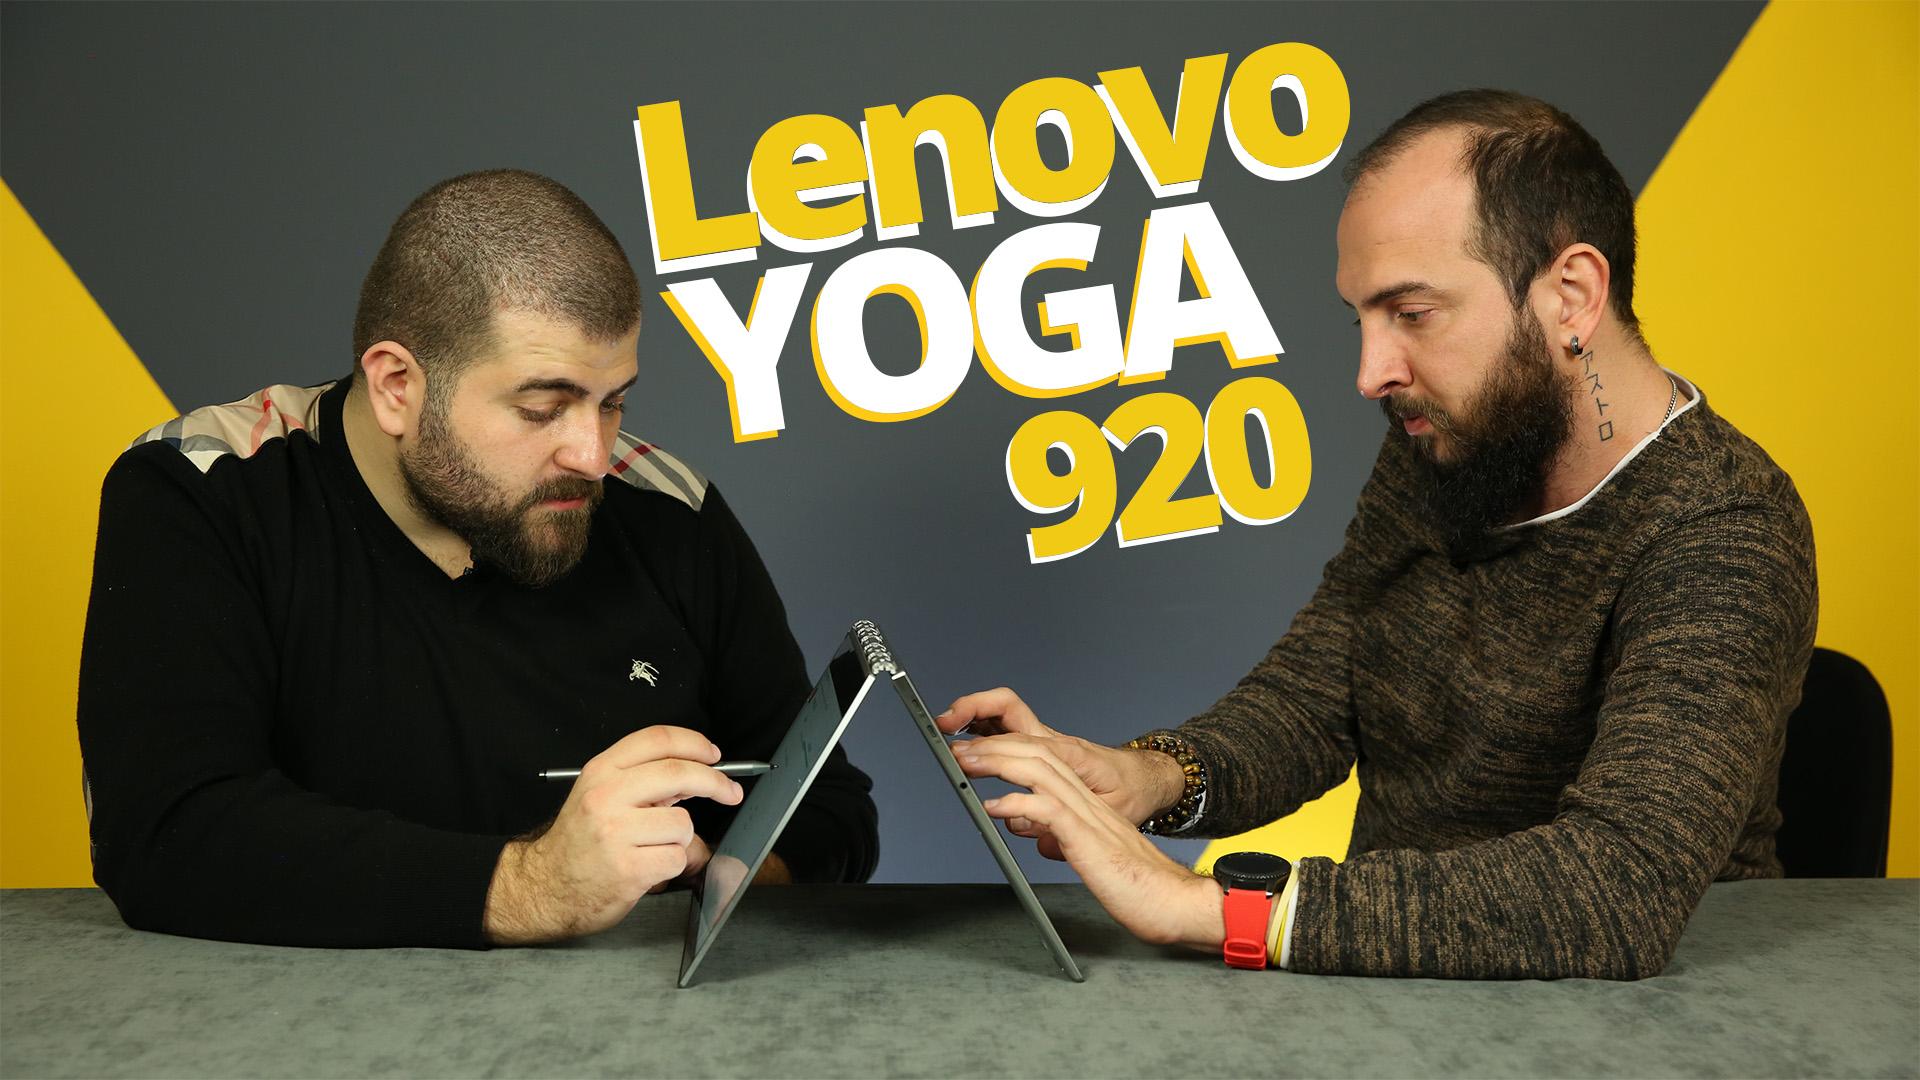 lenovo yoga 920 inceleme